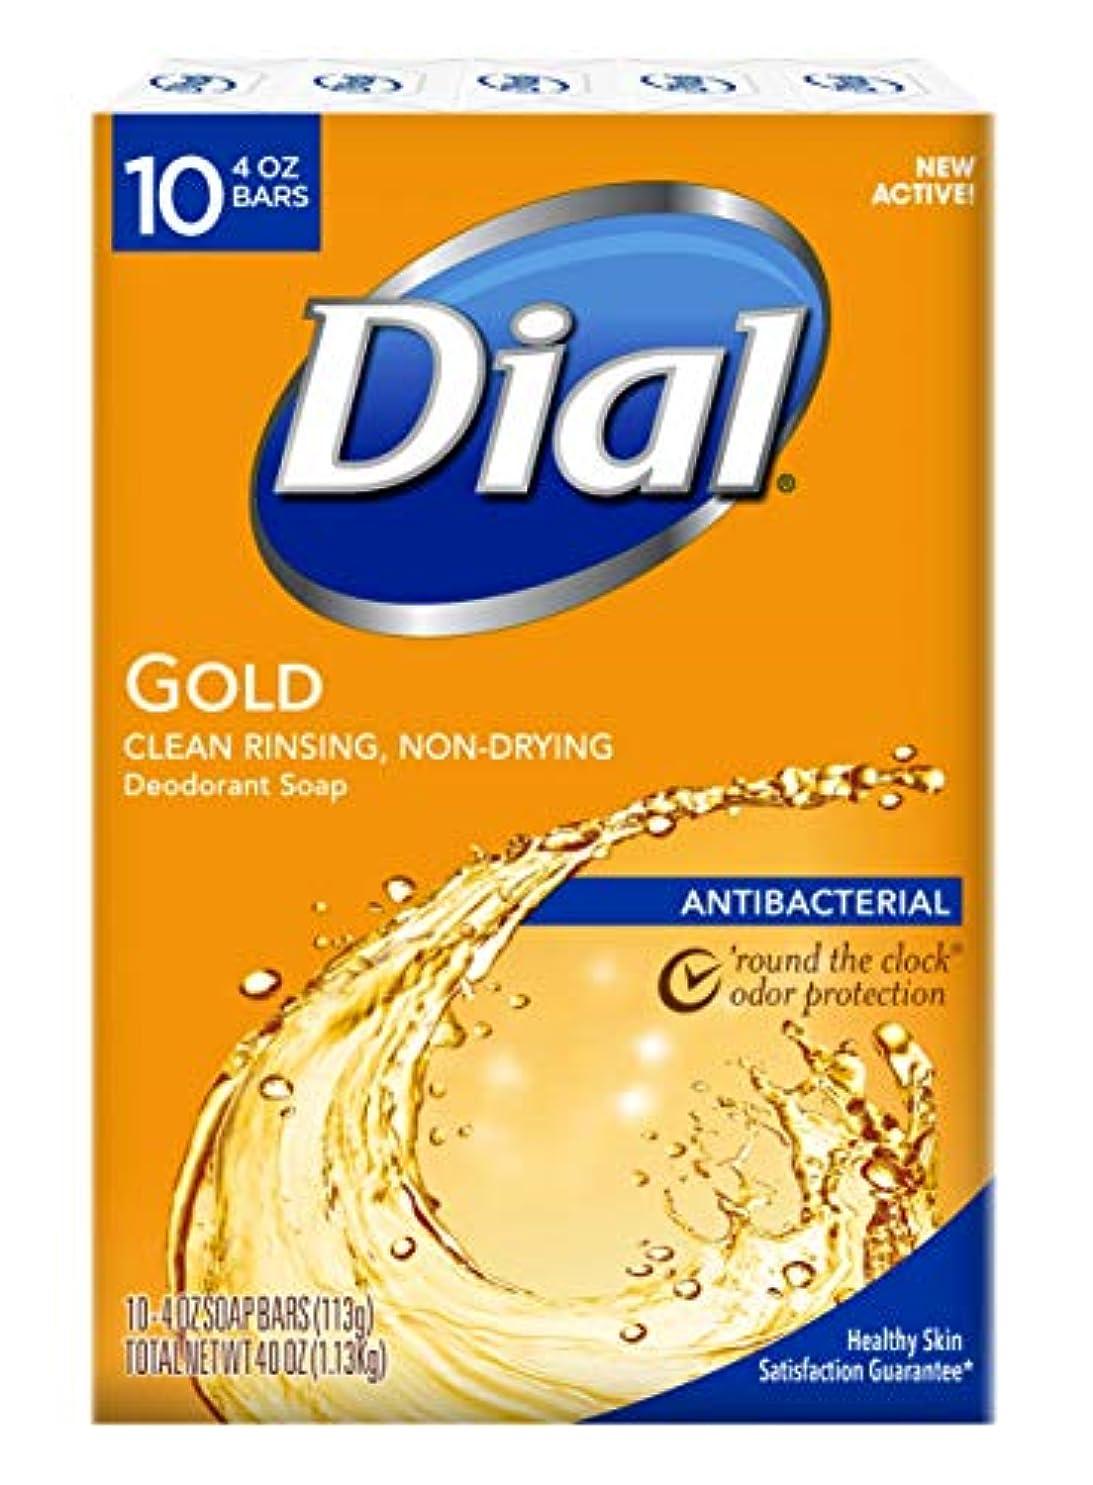 誤解を招く蒸発入場Dial Antibacterial Deodorant Bar Soap, Gold, 4-Ounce Bars, 10 Count (Pack of 3)